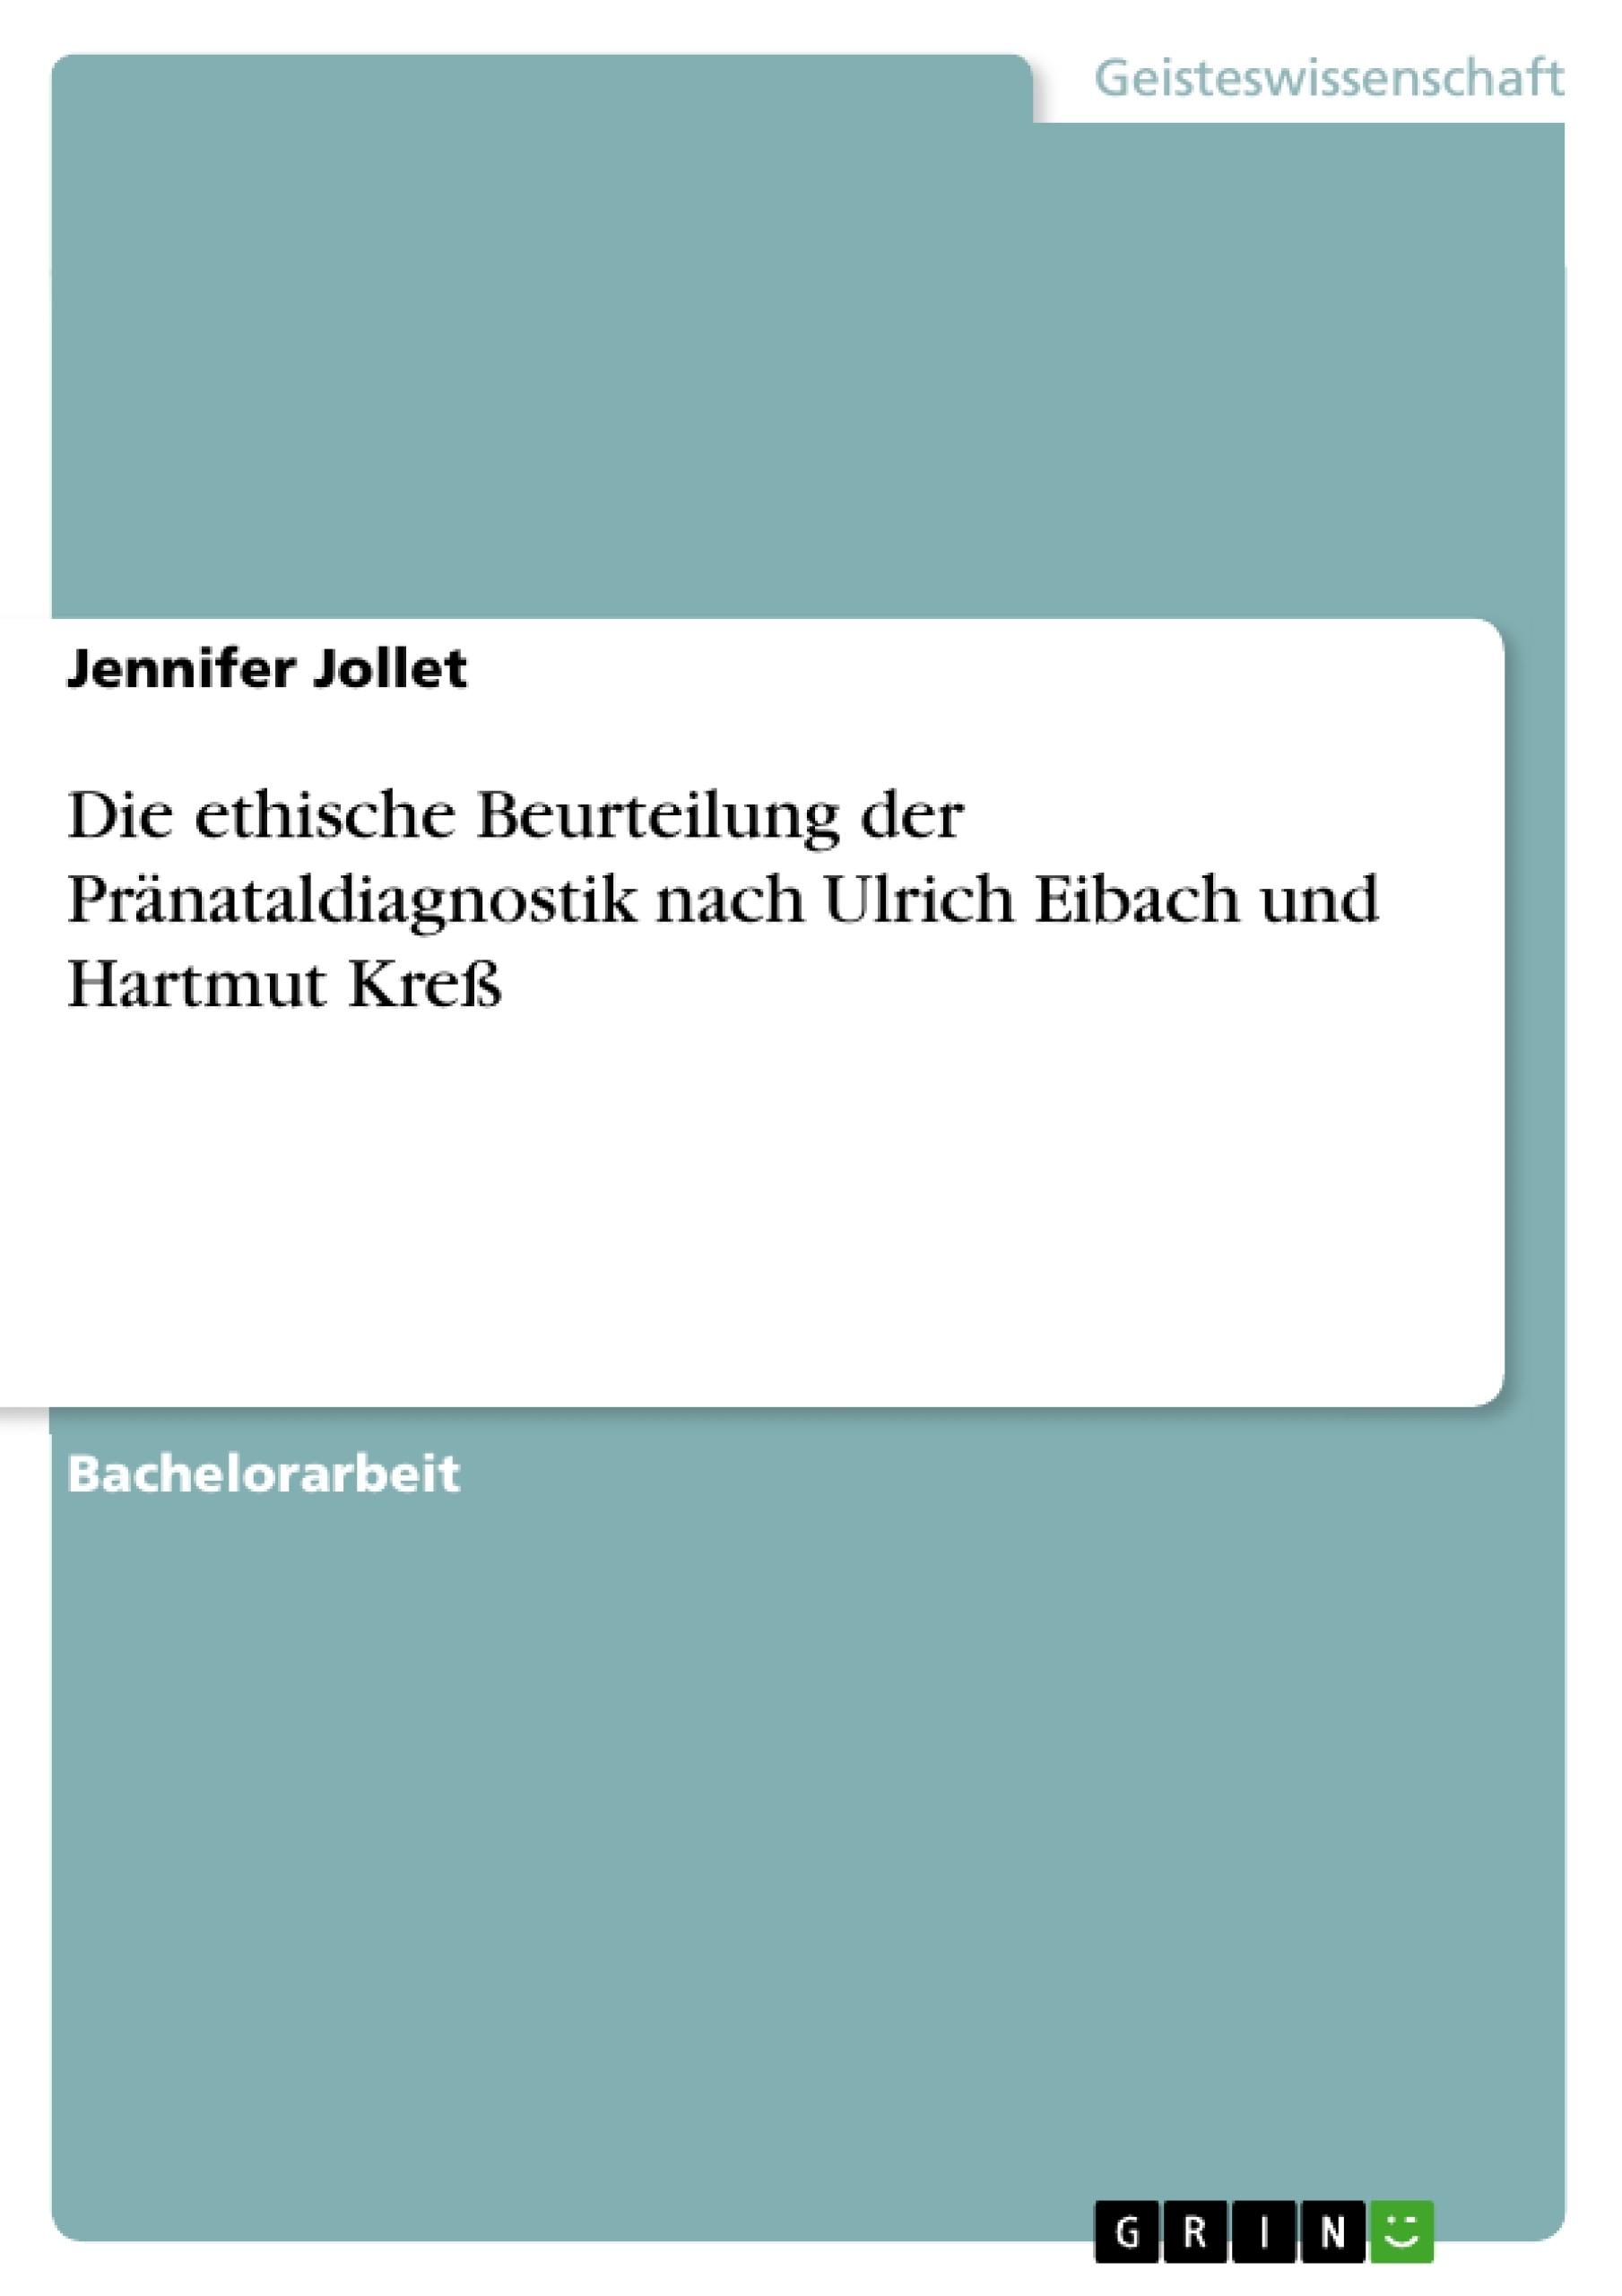 Titel: Die ethische Beurteilung der Pränataldiagnostik nach Ulrich Eibach und Hartmut Kreß